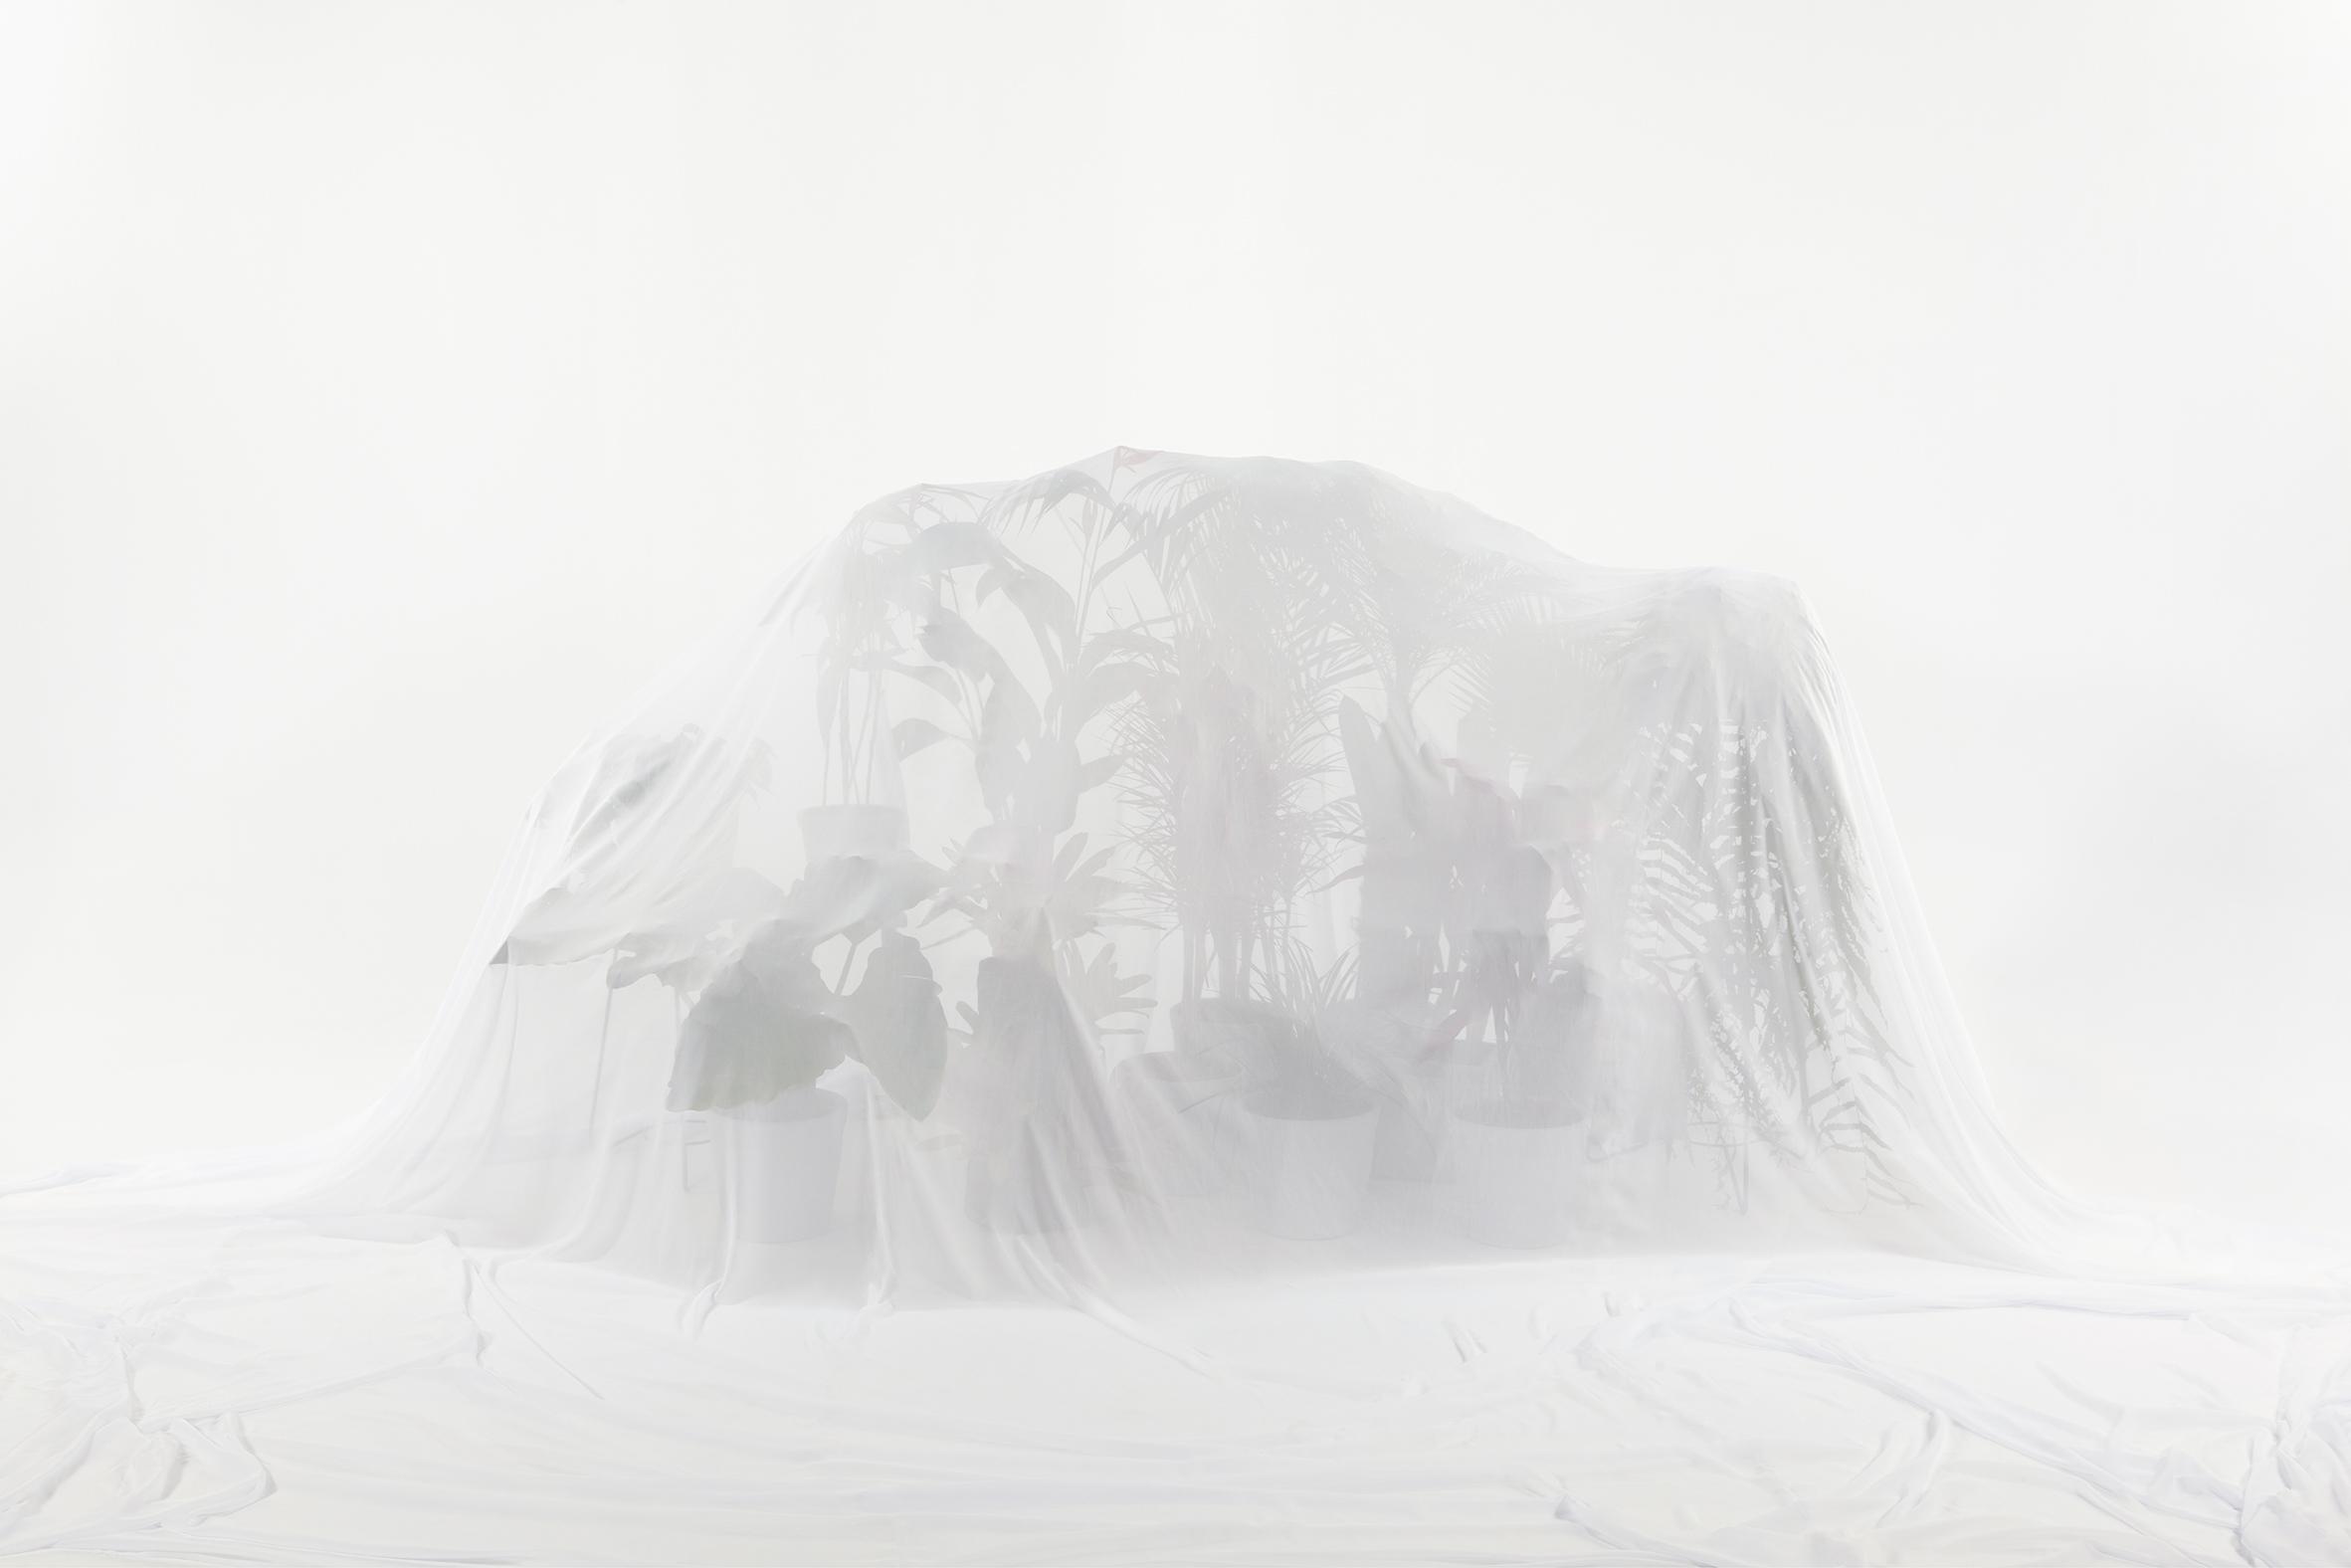 Resistencia II, Fotografía digital sobre papel de algodón Satín de Hahnemulle, 100 x 150 cm, ed. 3/3